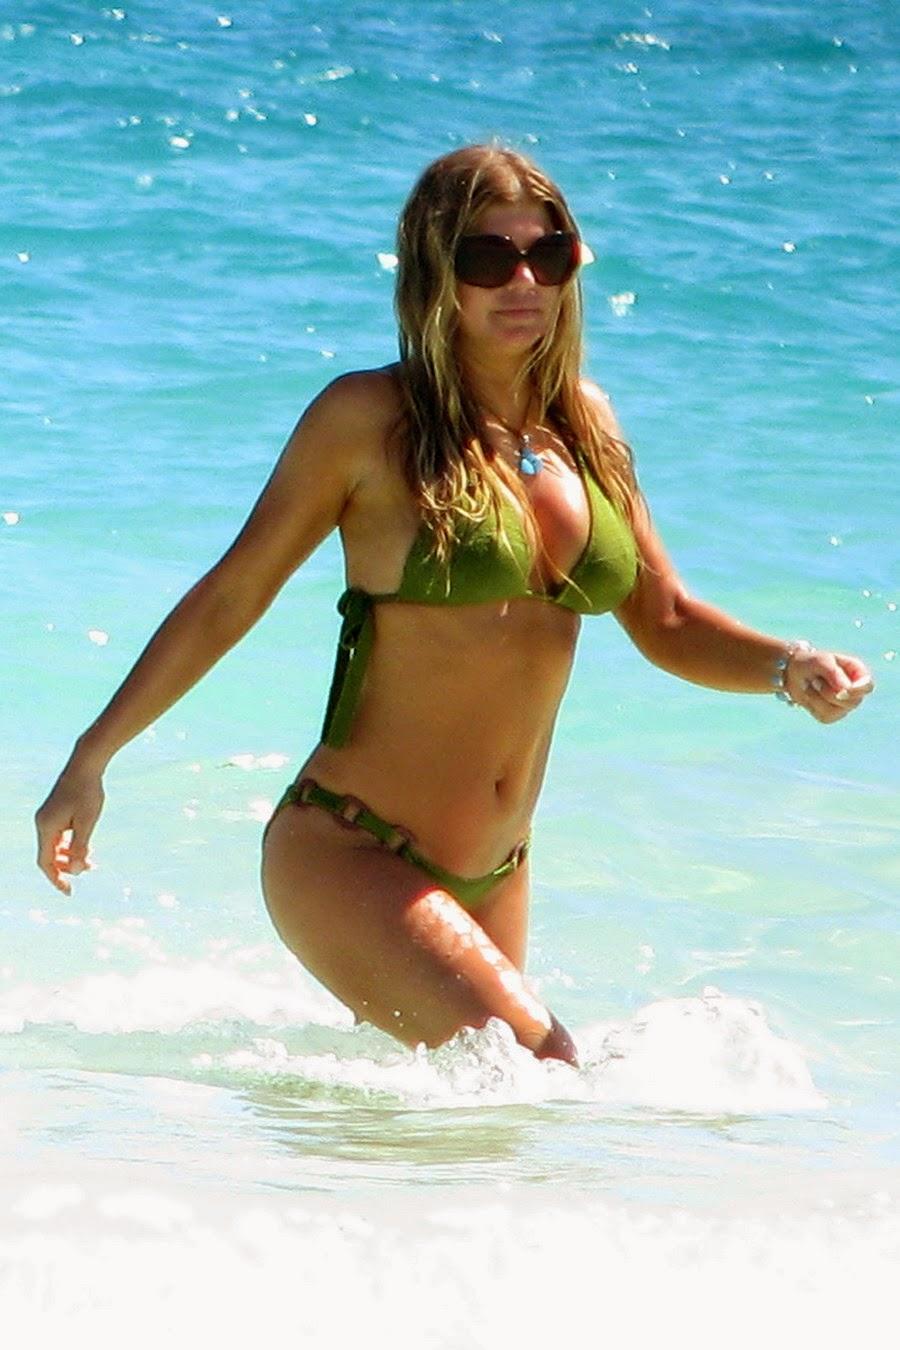 fergie Stacy bikini ferguson